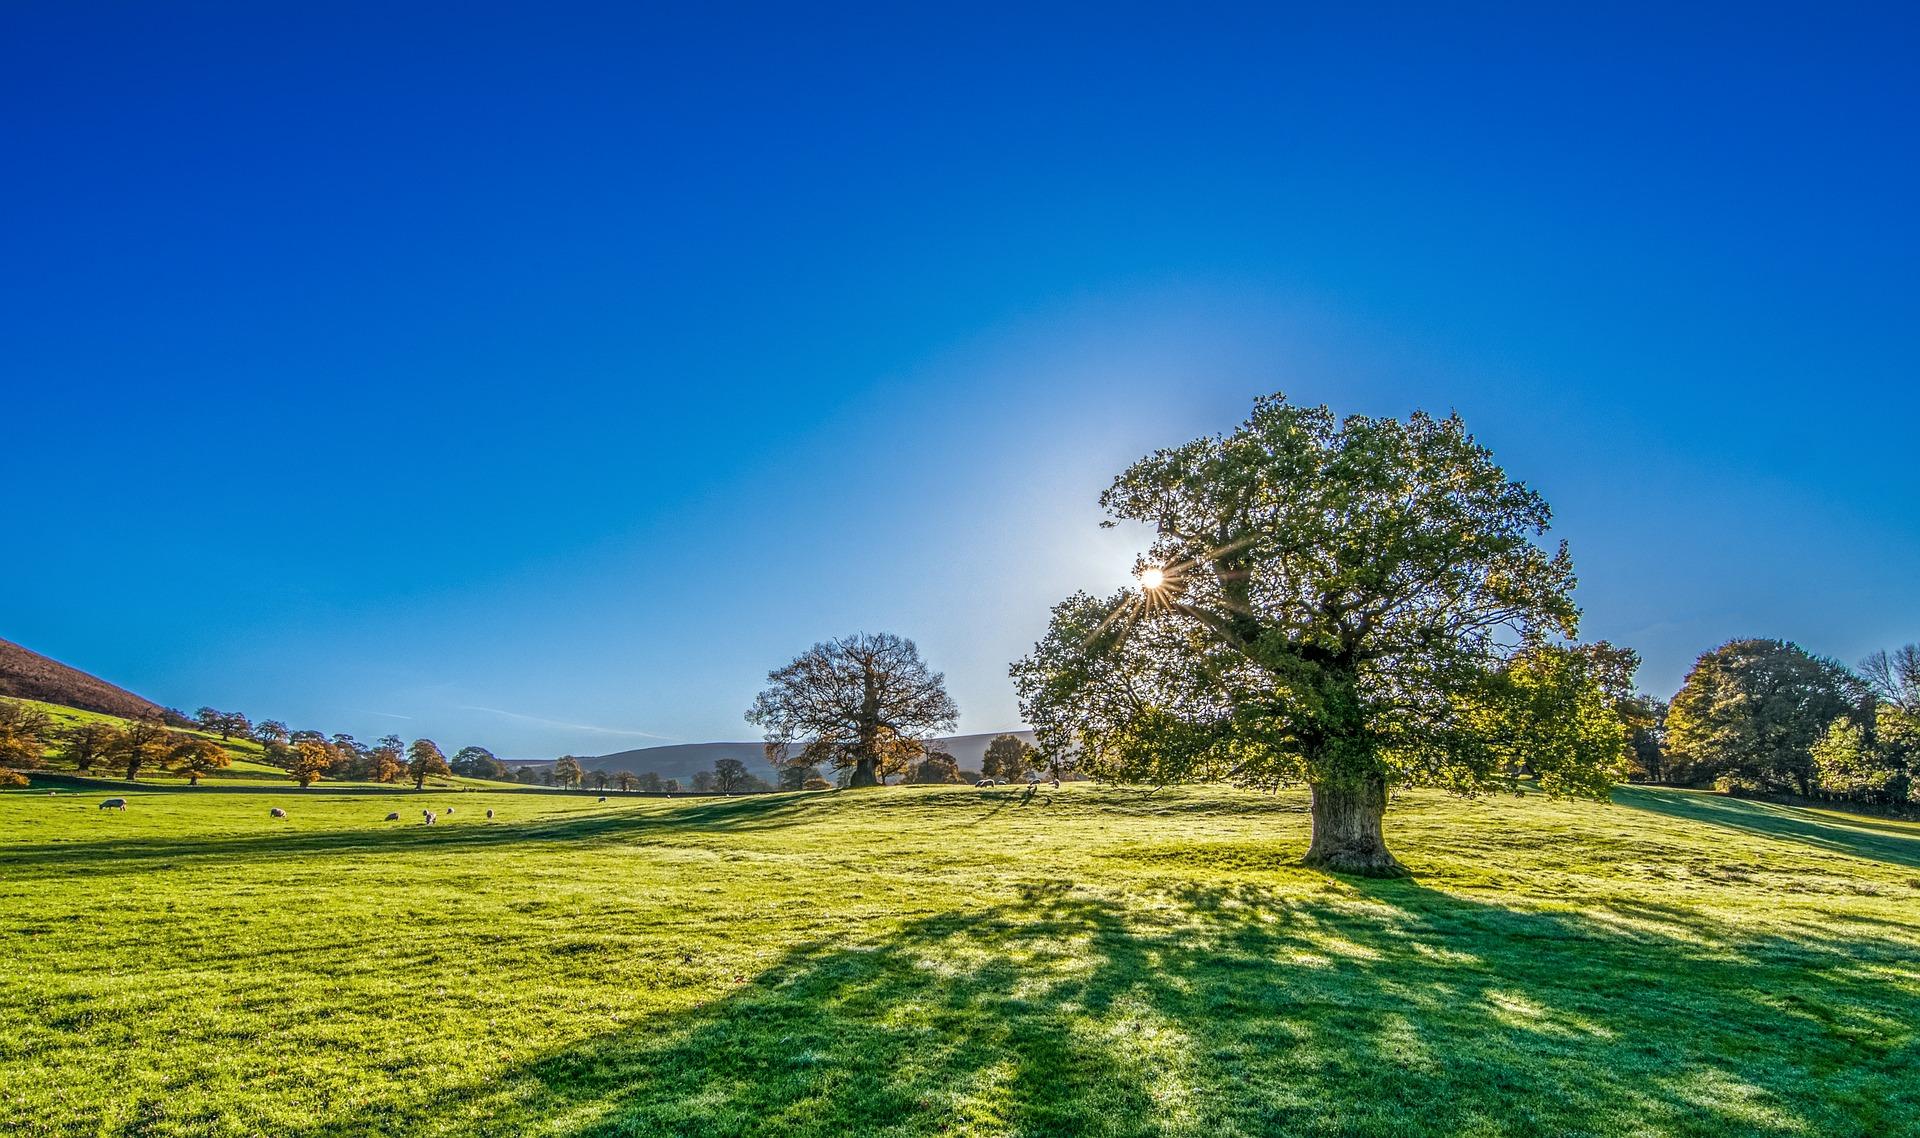 Hình nền bóng cây trong vườn quốc gia